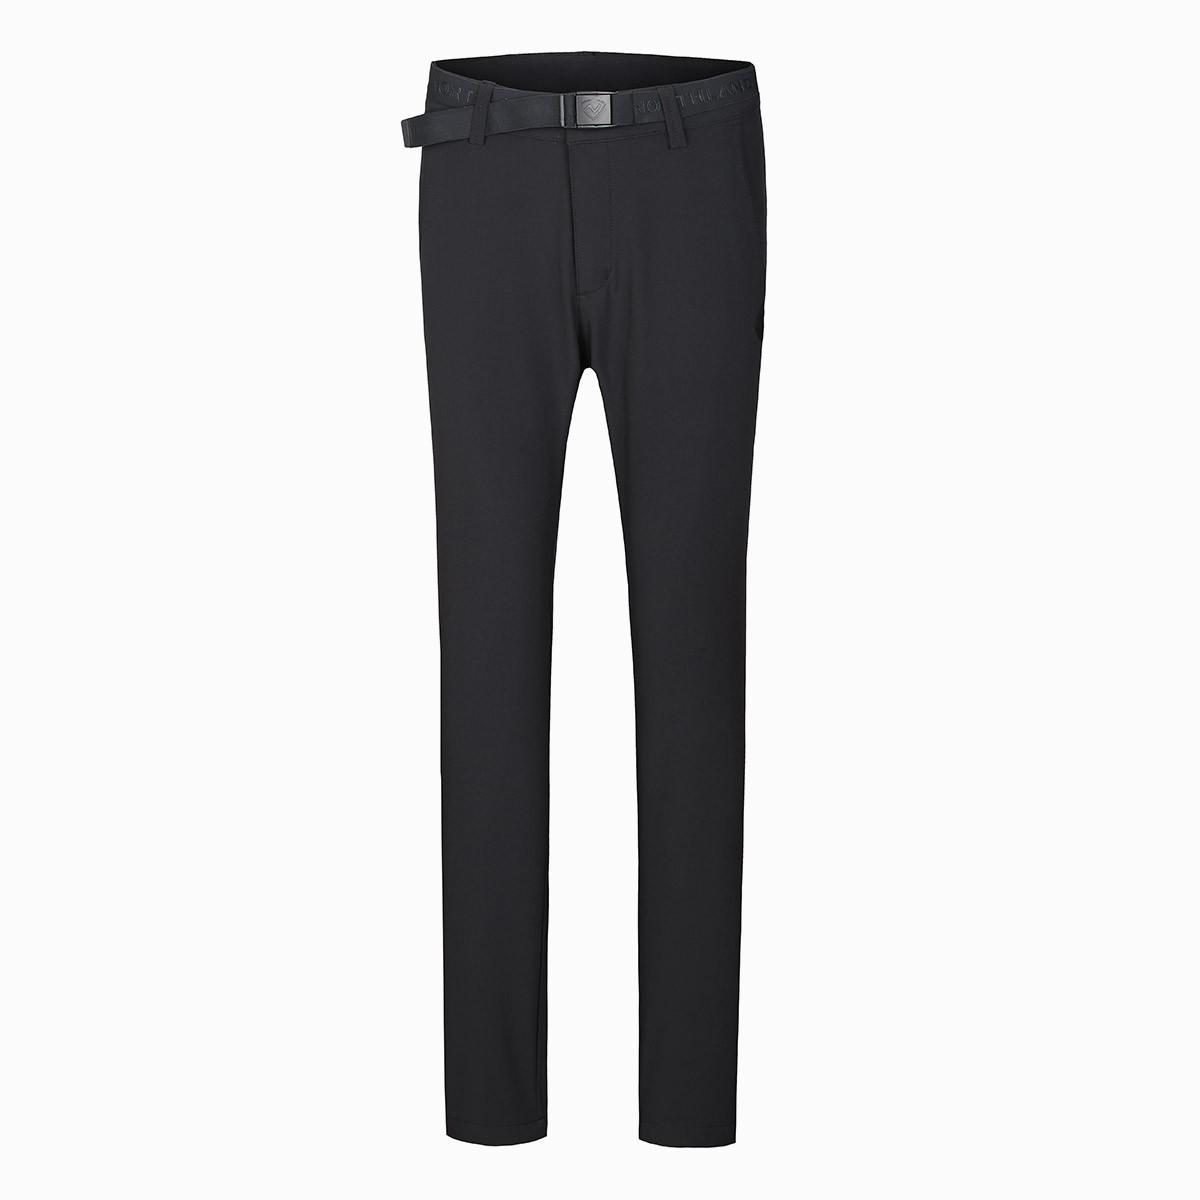 诺诗兰女式风雪长裤 软壳裤女 加绒加厚  防风科技 舒适保暖GF072628乌黑色